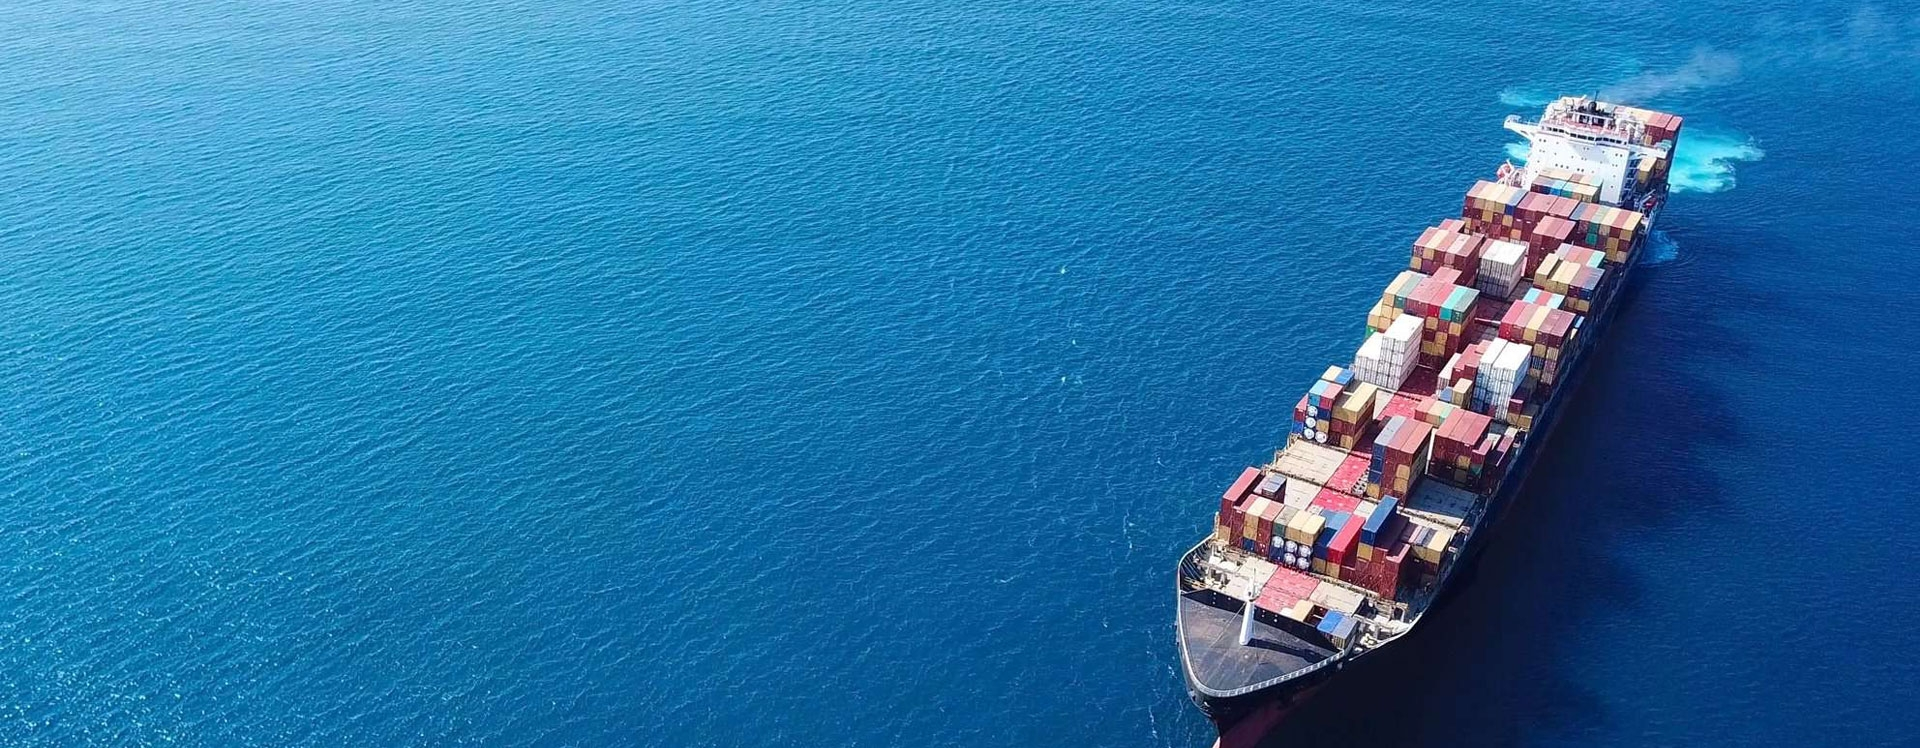 Blue Bird Shipping Agency in Dubai (@bluebirdshipping) Cover Image